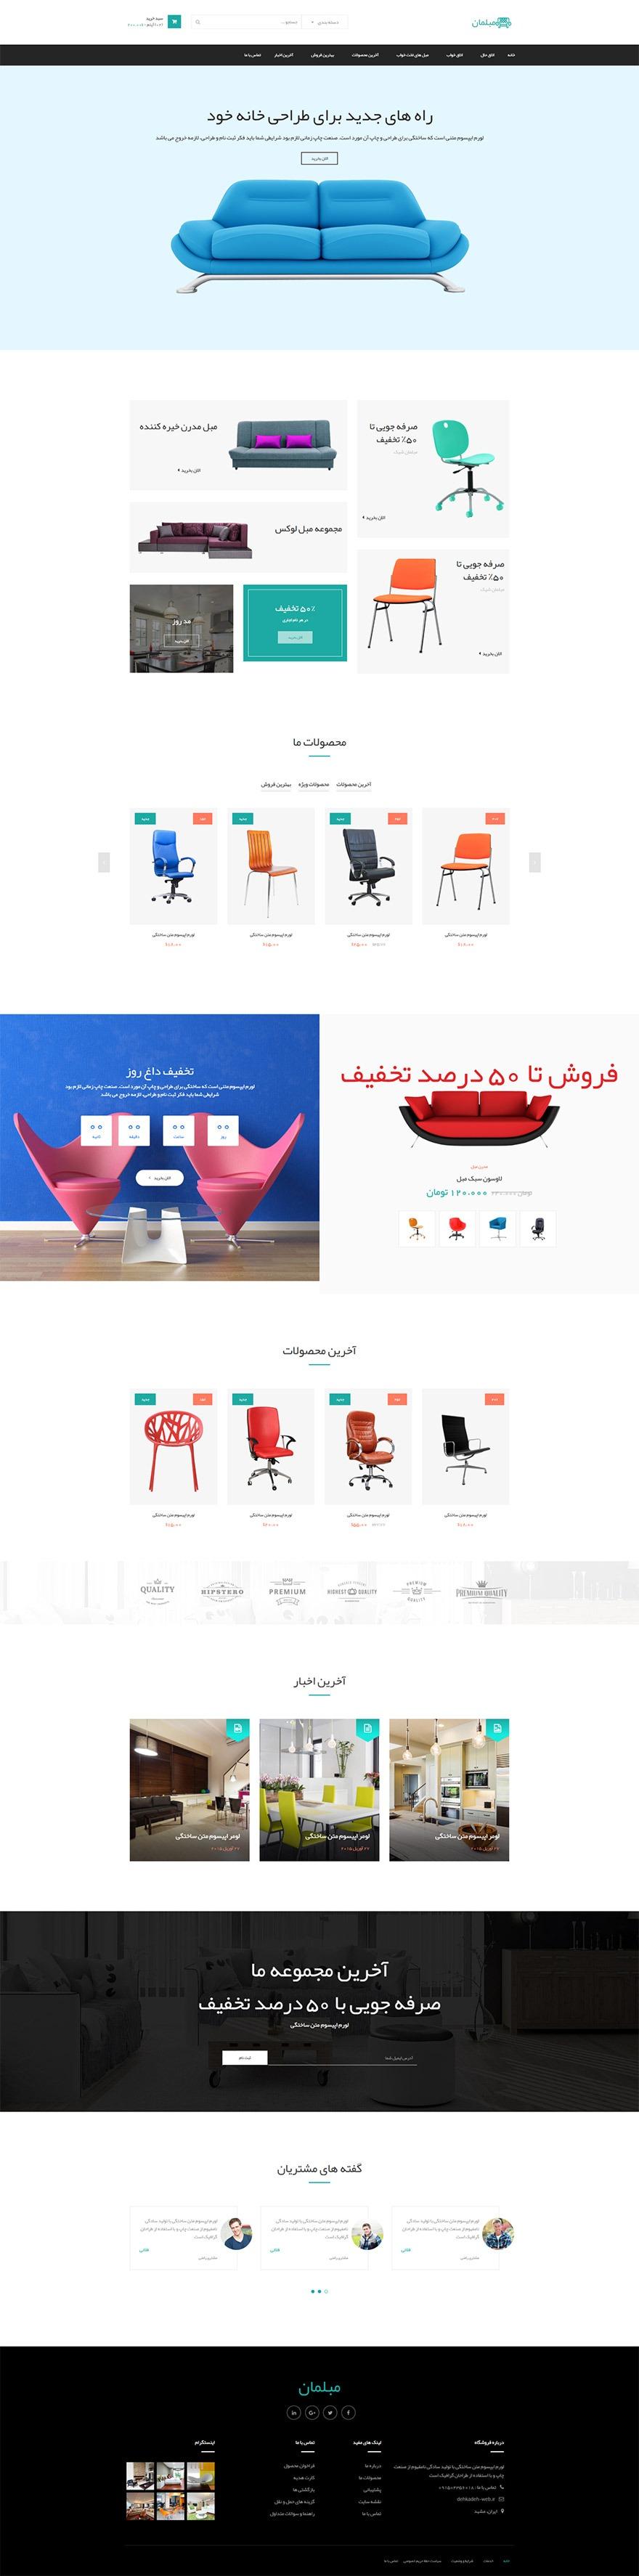 طراحی سایت مبلمان اداری